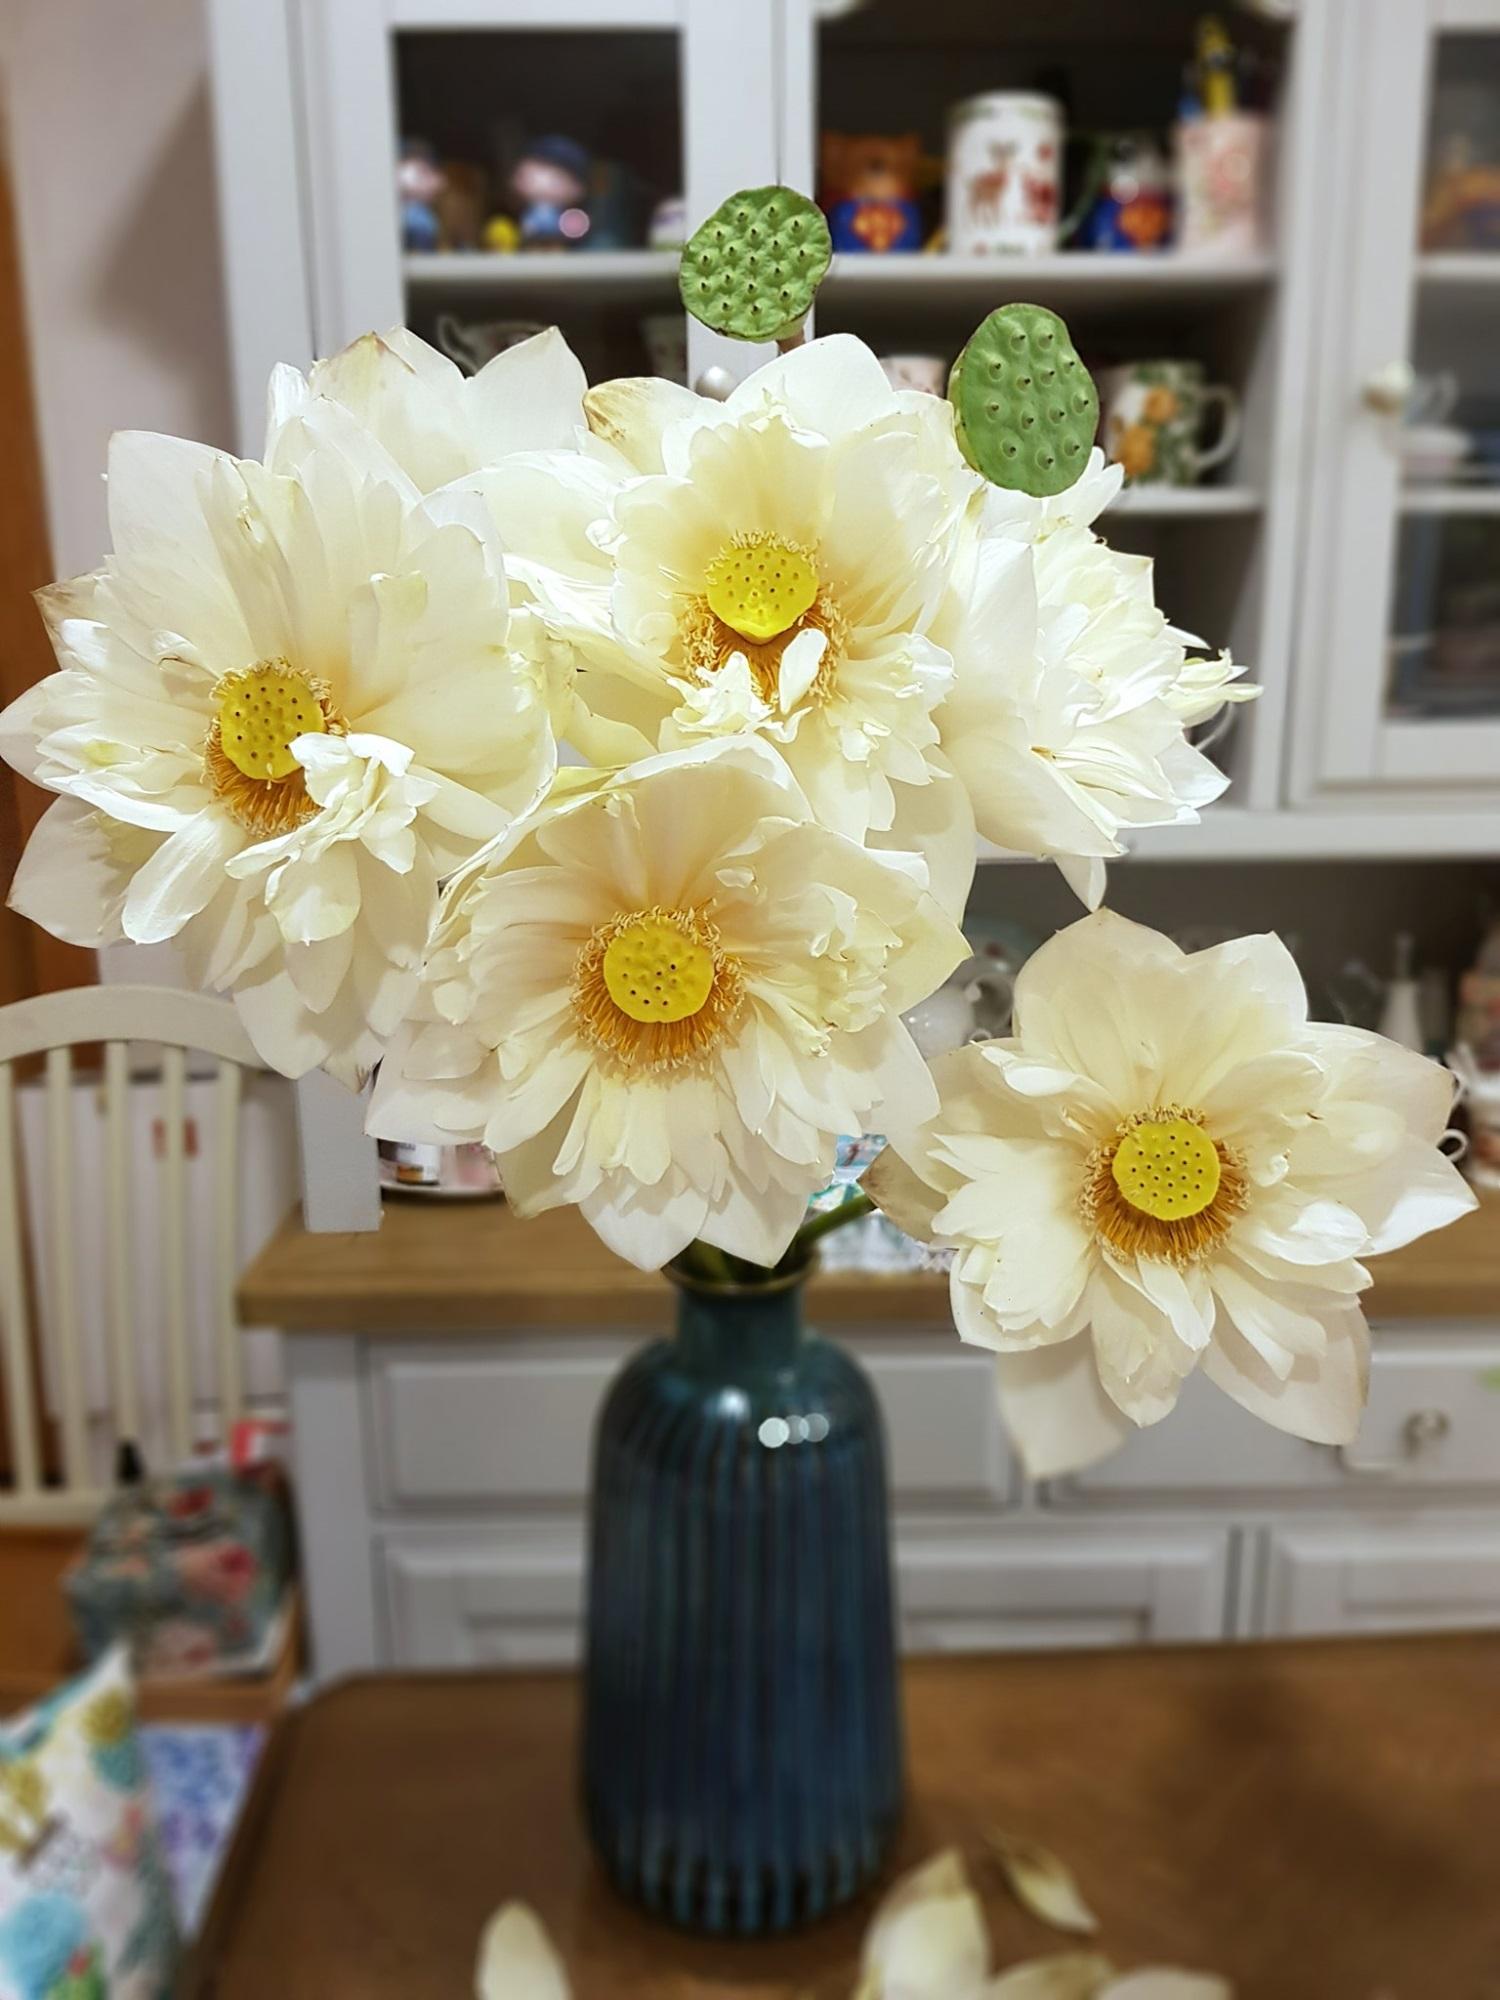 Cô gái Hà Nội tung bí kíp 'níu giữ' vẻ đẹp bạch liên hoa trọn vẹn trong 3 ngày, nhìn bình sen nở rộ mà u mê con mắt - Ảnh 6